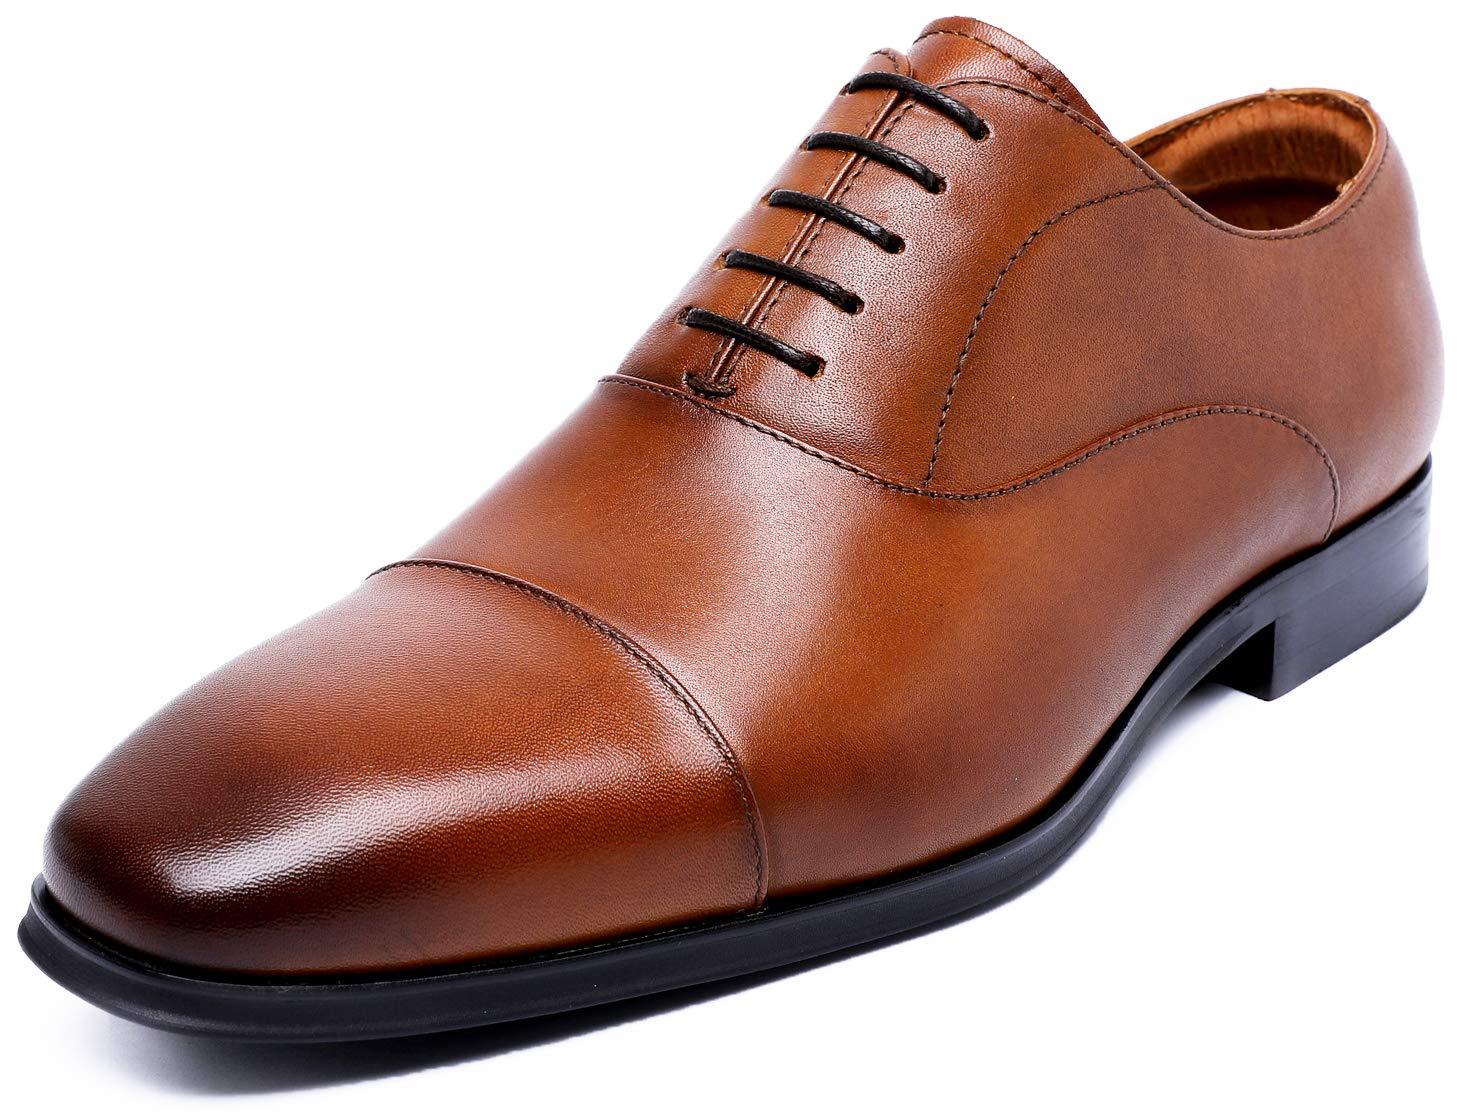 Men's Cap Toe Dress Shoes Lace up Oxford Shoes for Men (10 M US, Brown)